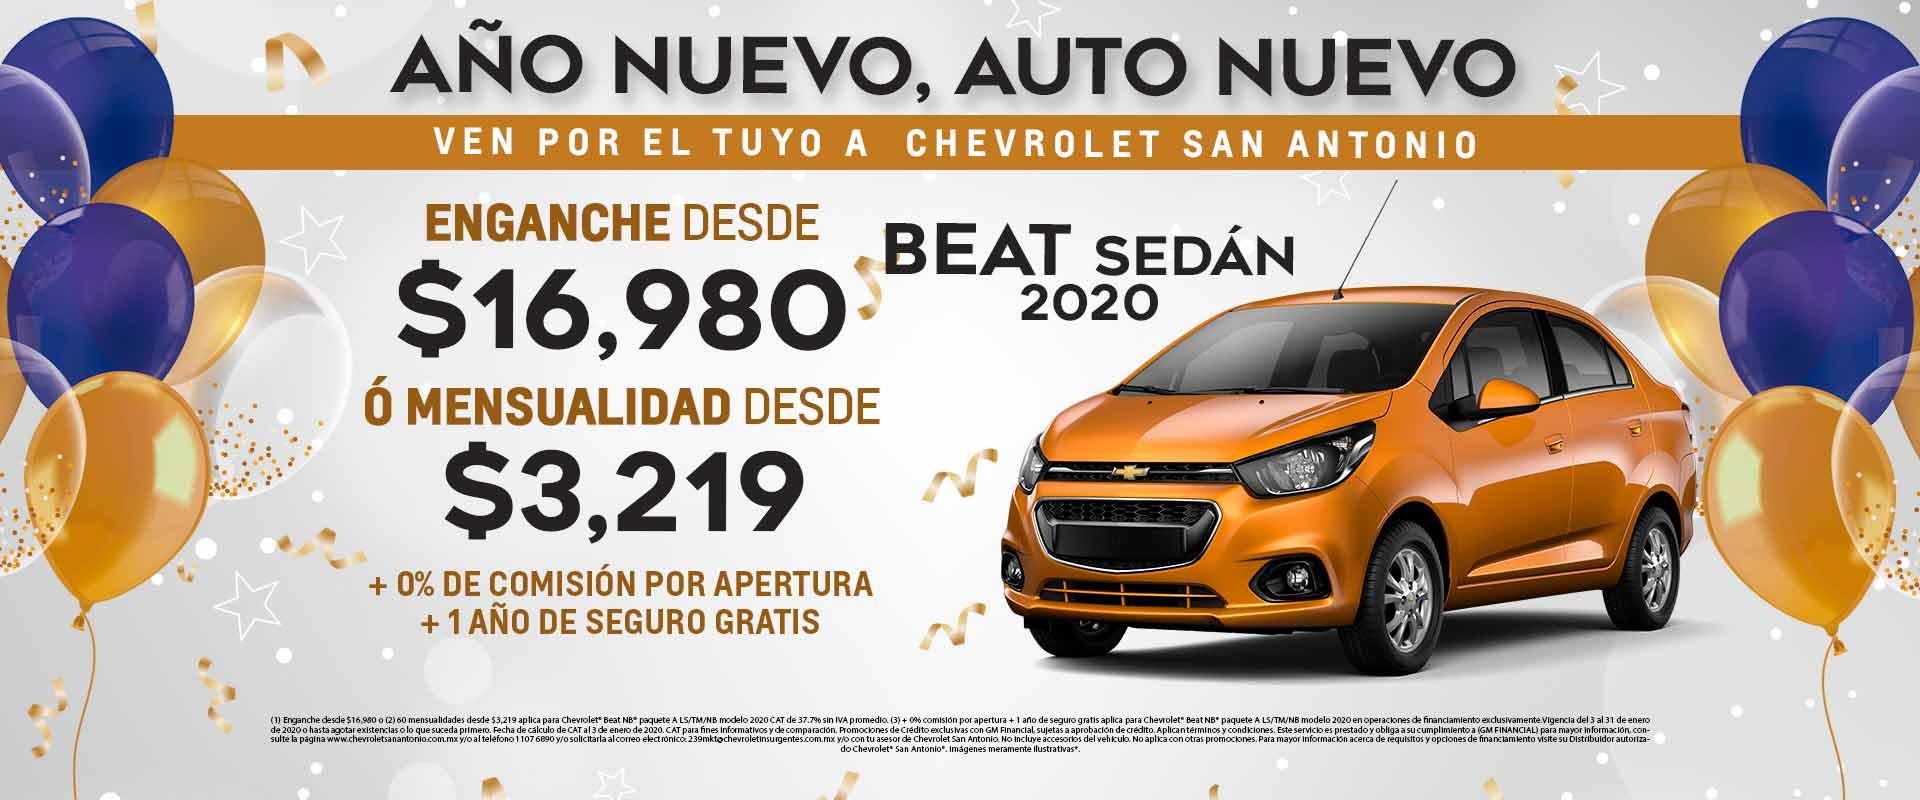 Mensualidad Desde 3 219 1 Ano De Seguro Gratis 0 De Comision Por Apertura Chevrolet San Antonio Benito Juarez Cdmx